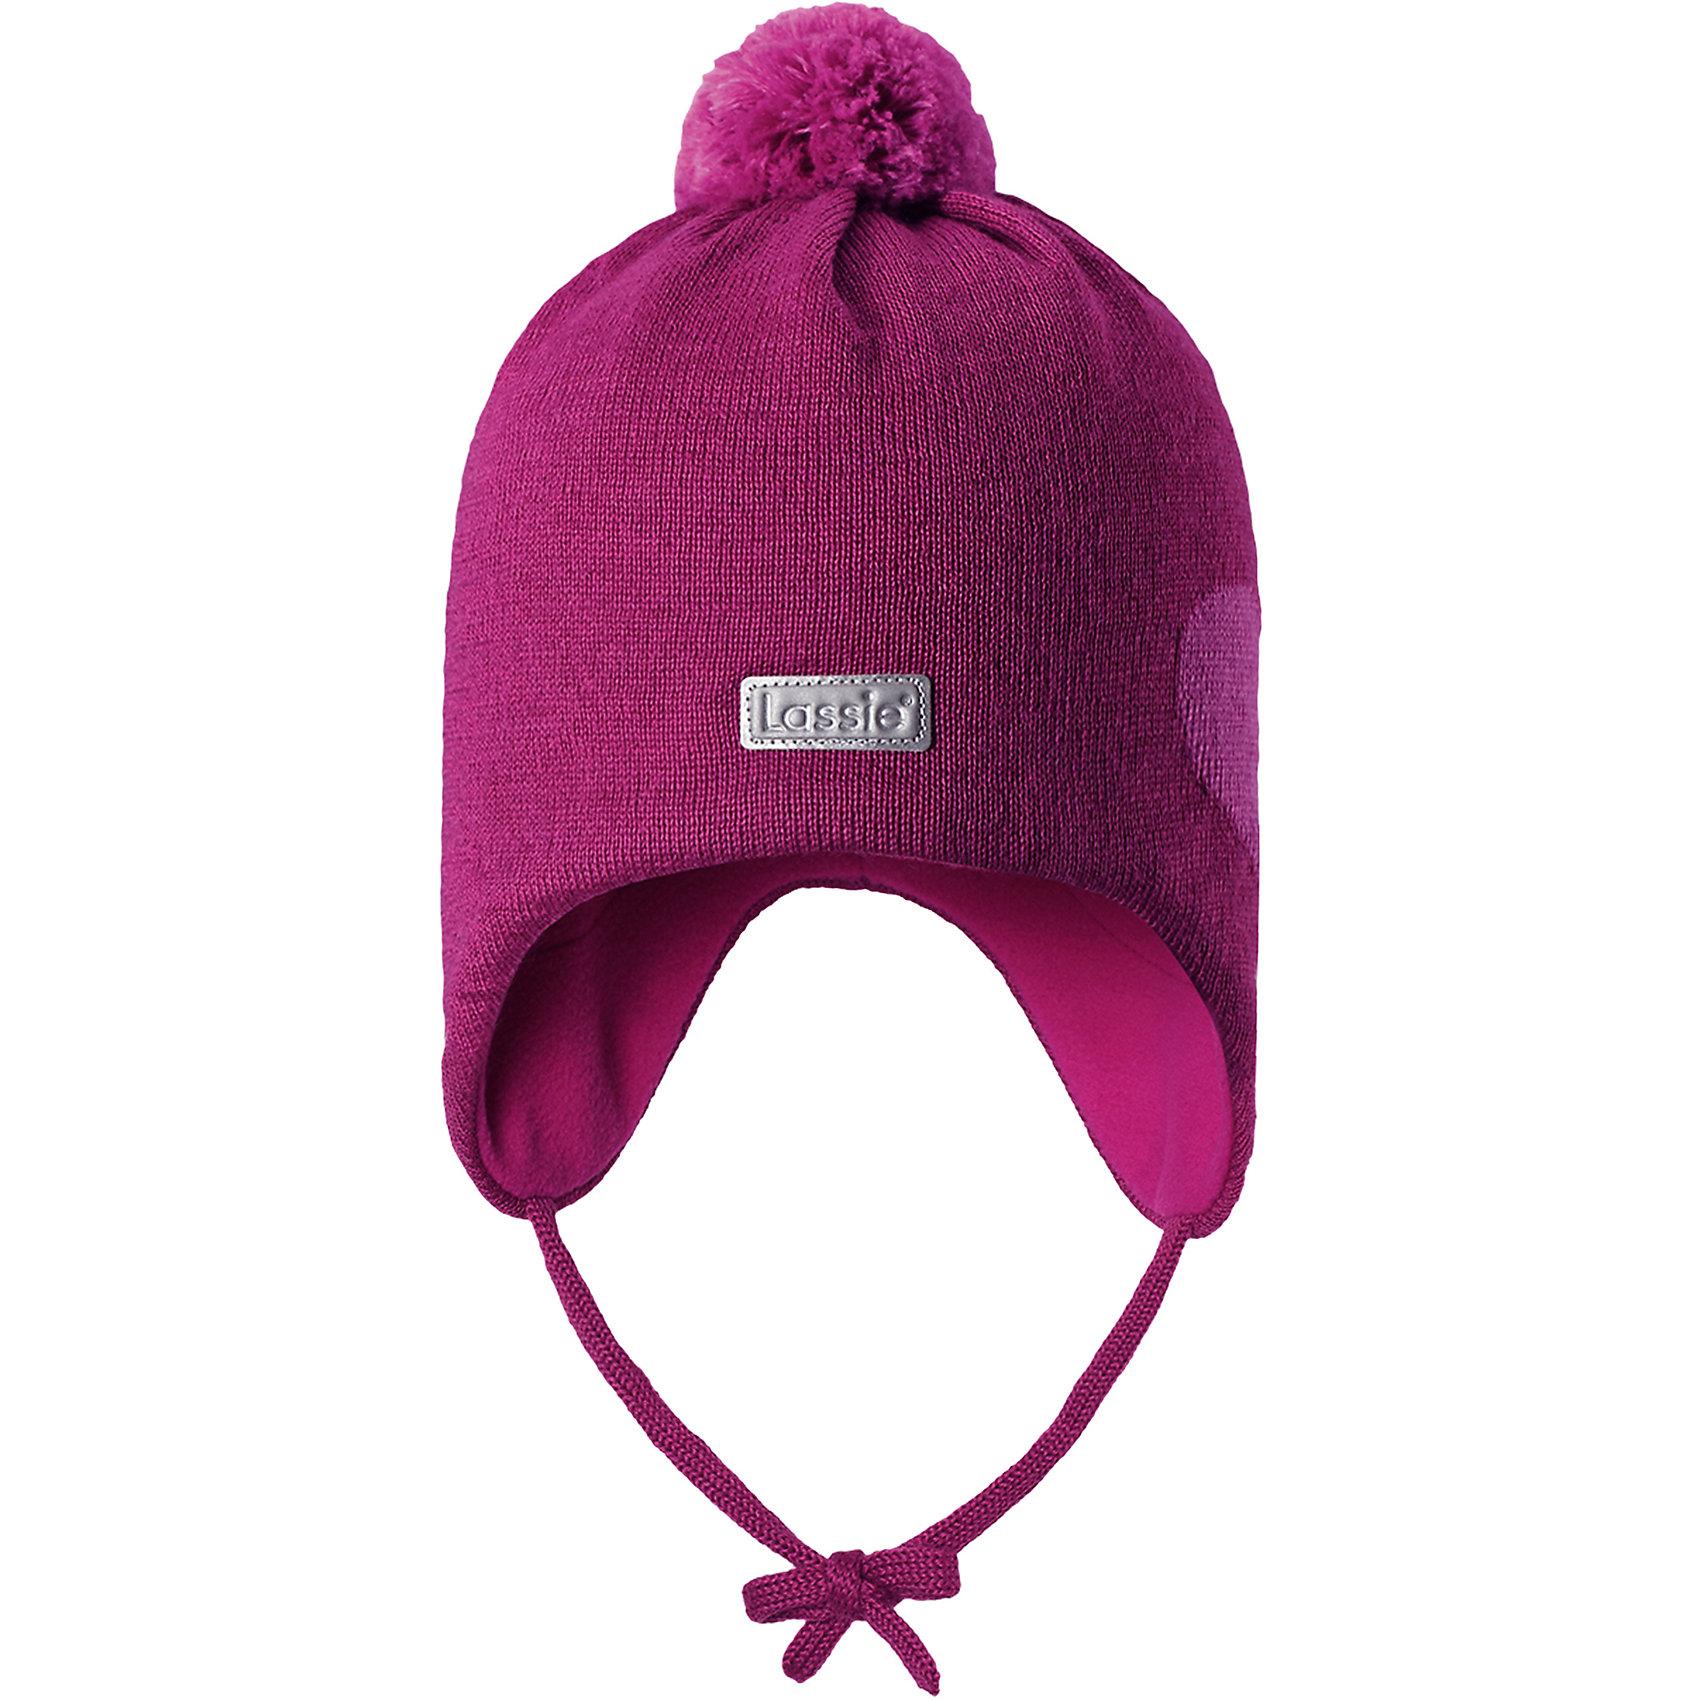 Шапка LassieШапки и шарфы<br>Характеристики товара:<br><br>• цвет: розовый;<br>• состав: 50% шерсть, 50% полиакрил; <br>• подкладка: 100% полиэстер, флис;<br>• сезон: зима;<br>• без дополнительного утепления;<br>• температурный режим: от 0 до -20С;<br>• мягкая и теплая ткань из смеси шерсти;<br>• ветронепроницаемые вставки в области ушей;<br>• сплошная подкладка: мягкий теплый флис;<br>• шапка на завязках, с помпоном сверху;<br>• светоотражающие детали;<br>• страна бренда: Финляндия;<br>• страна изготовитель: Китай;<br><br>Эта стильная шапка для малышей с помпонами контрастного цвета и рисунком оживит зимние наряды! Ветронепроницаемые вставки в области ушей защищают нежные детские ушки во время игр на свежем воздухе. Шапка связана из теплой полушерстяной пряжи.<br><br>Шапку Lassie (Ласси) можно купить в нашем интернет-магазине.<br><br>Ширина мм: 89<br>Глубина мм: 117<br>Высота мм: 44<br>Вес г: 155<br>Цвет: розовый<br>Возраст от месяцев: 36<br>Возраст до месяцев: 72<br>Пол: Женский<br>Возраст: Детский<br>Размер: 50-52,42-44,44-46,46-48<br>SKU: 6905600